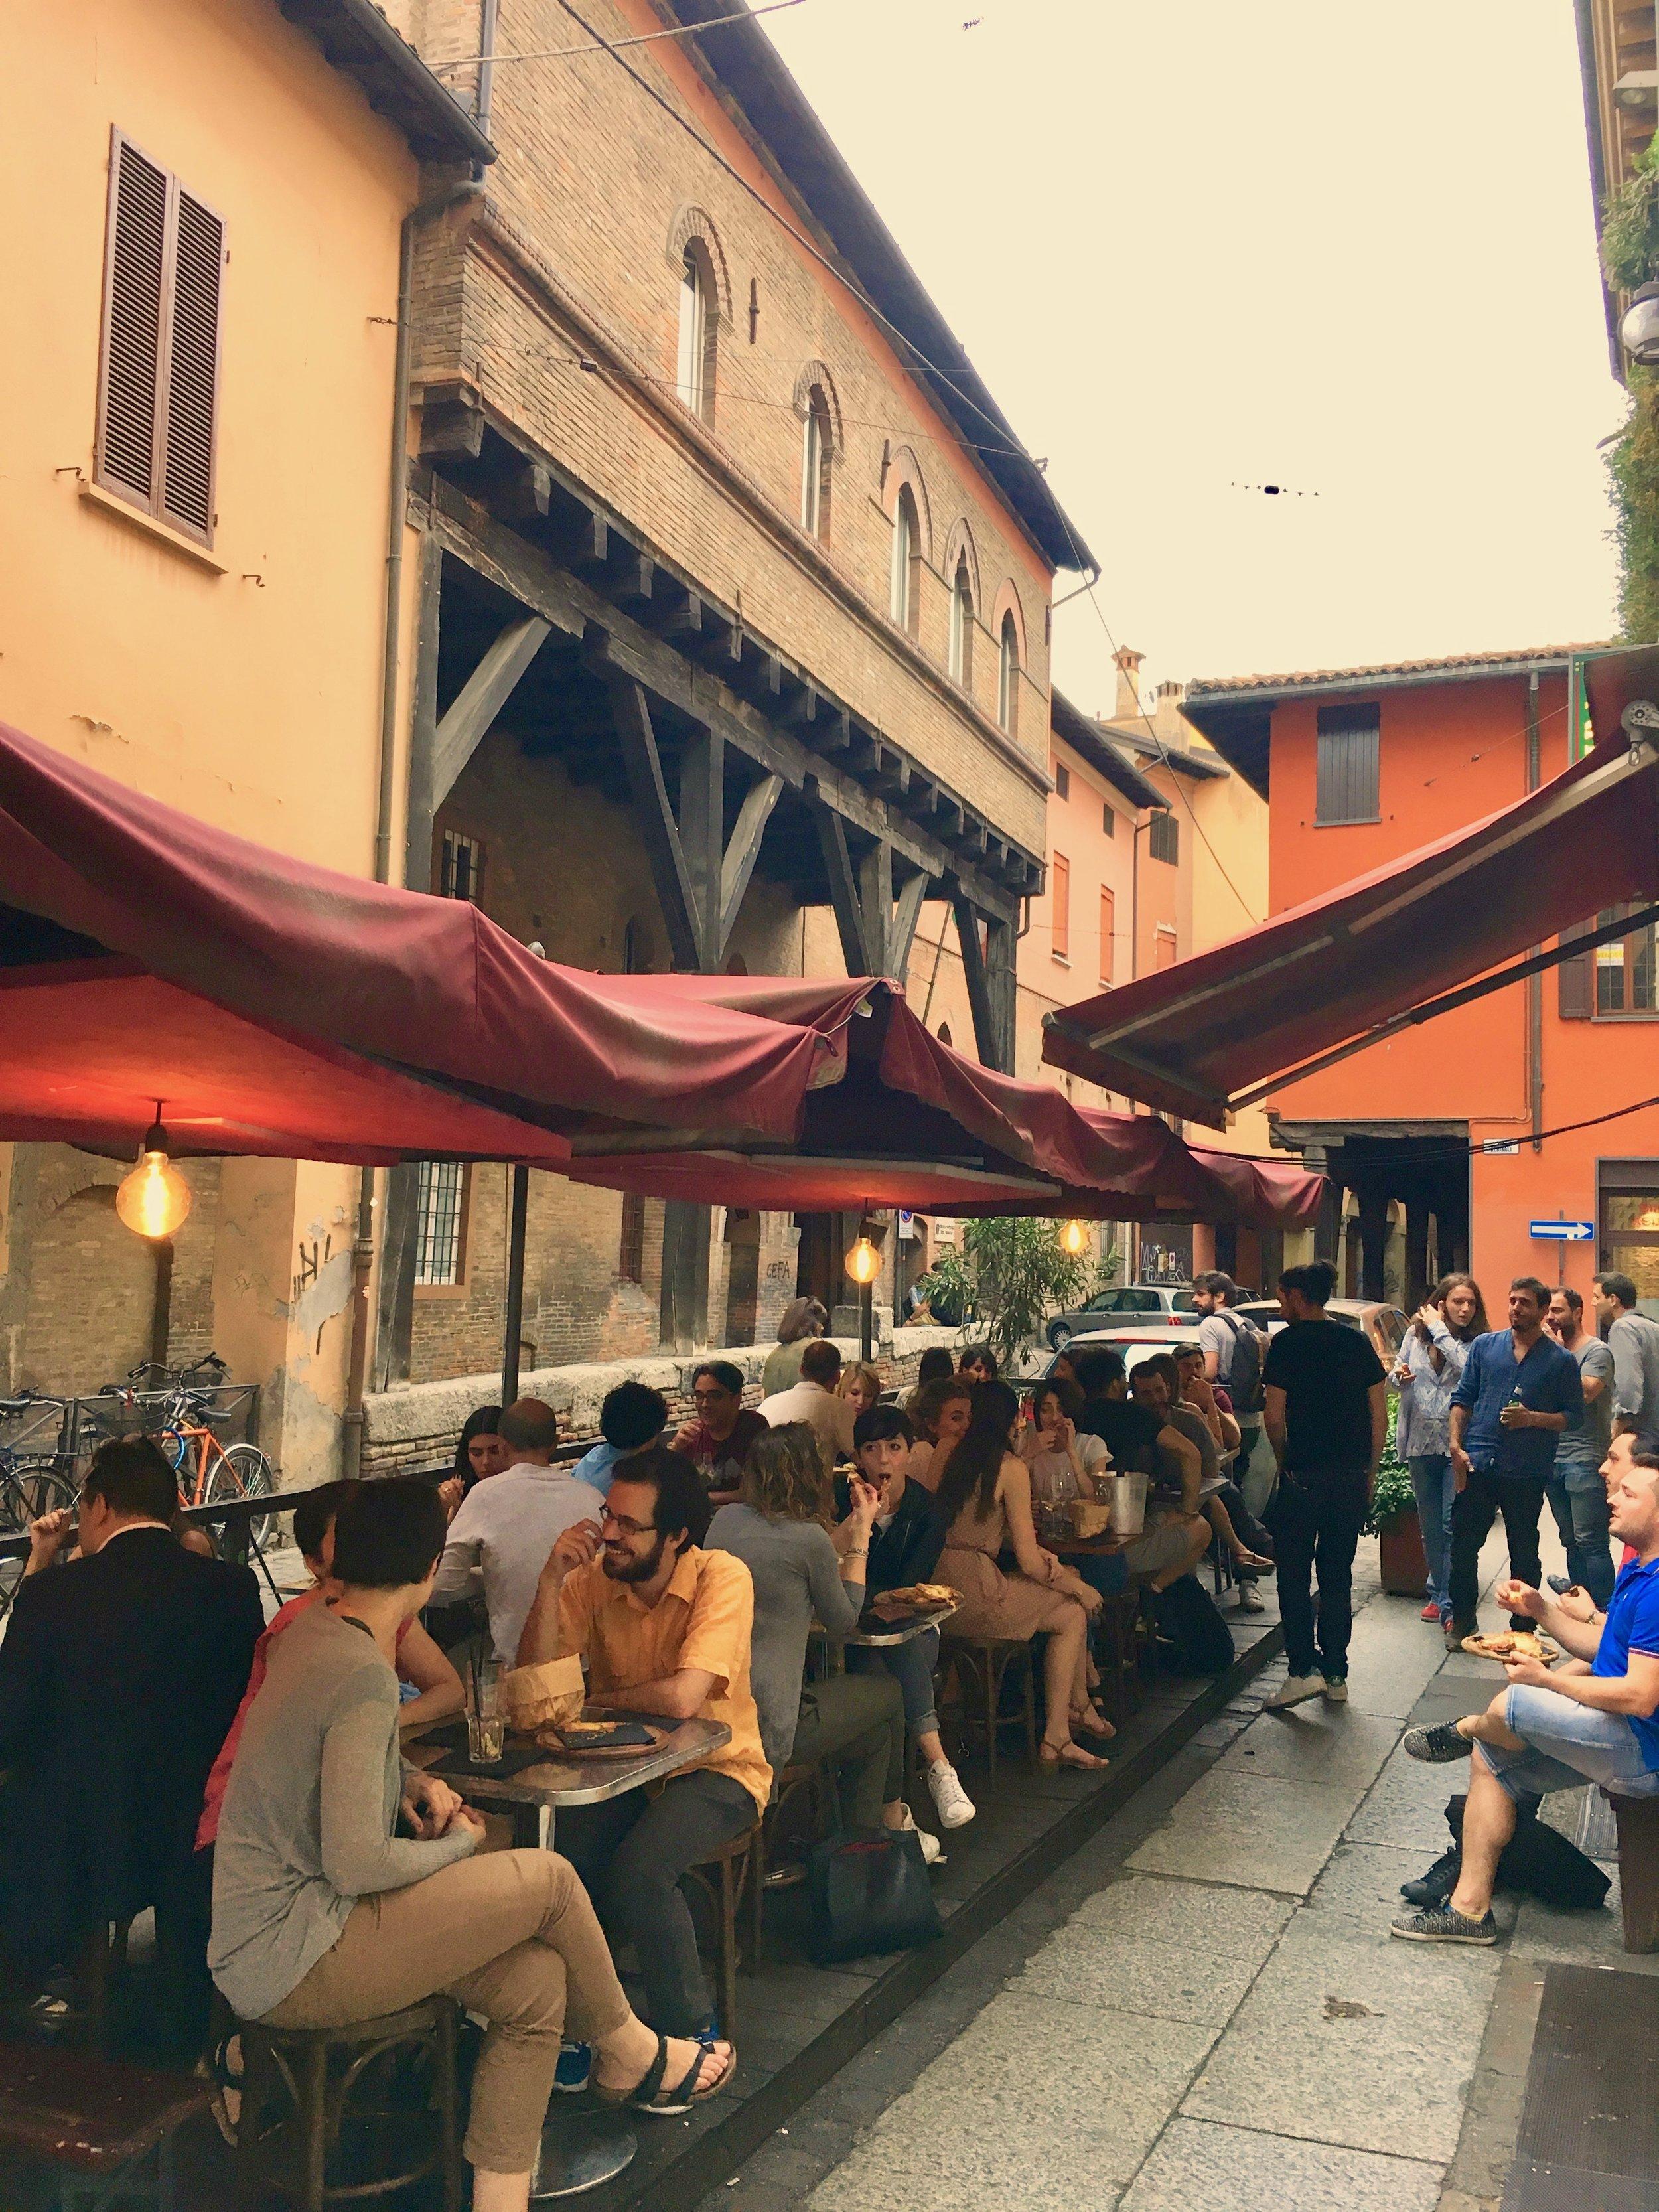 Marsalino in Bologna, Italy